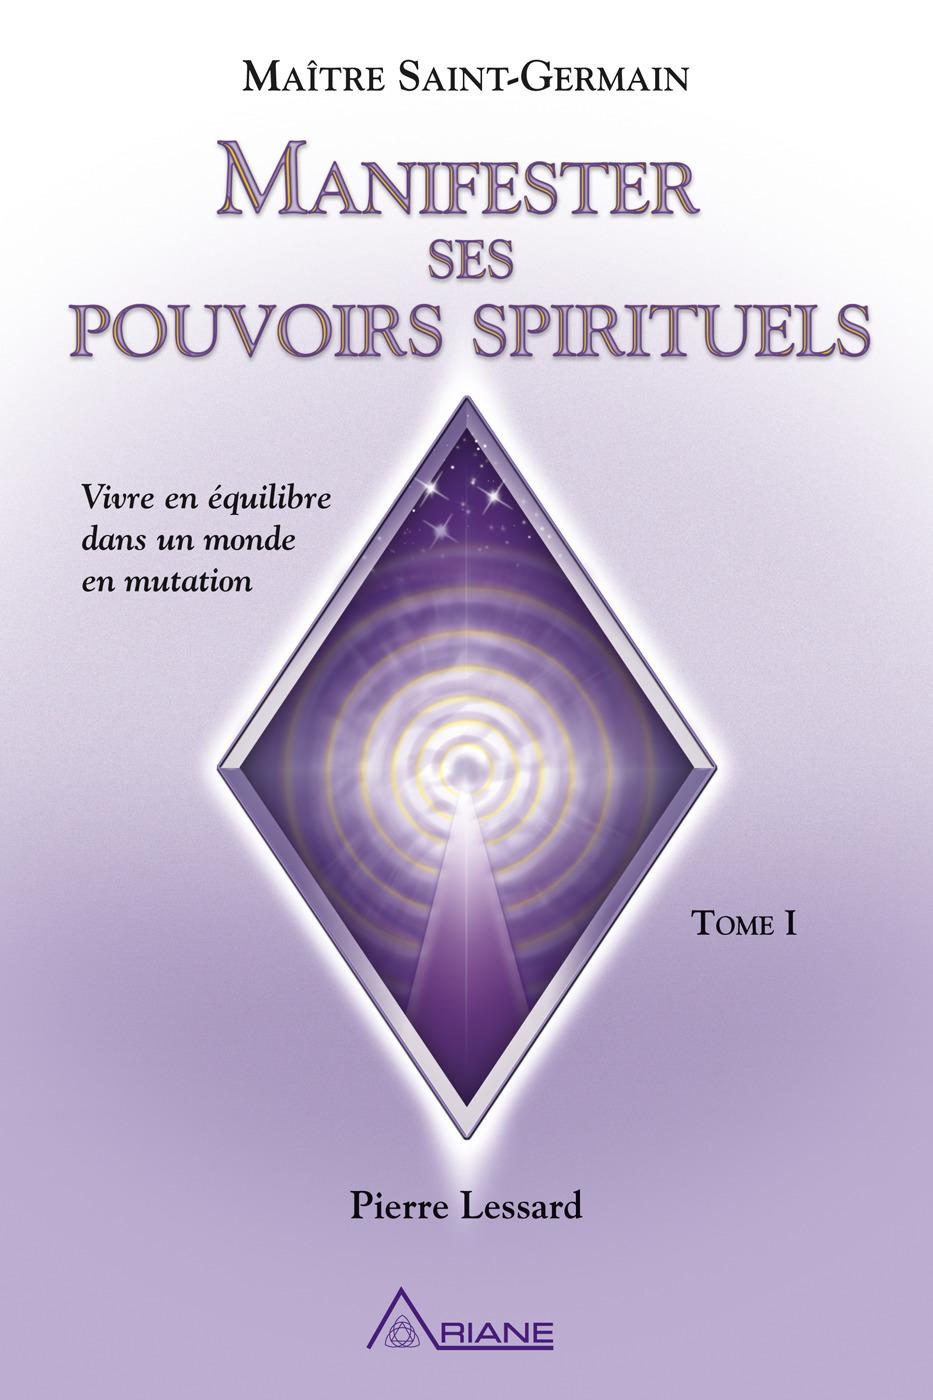 Manifester ses pouvoirs spirituels et vivre en équilibre dans un monde de mutation